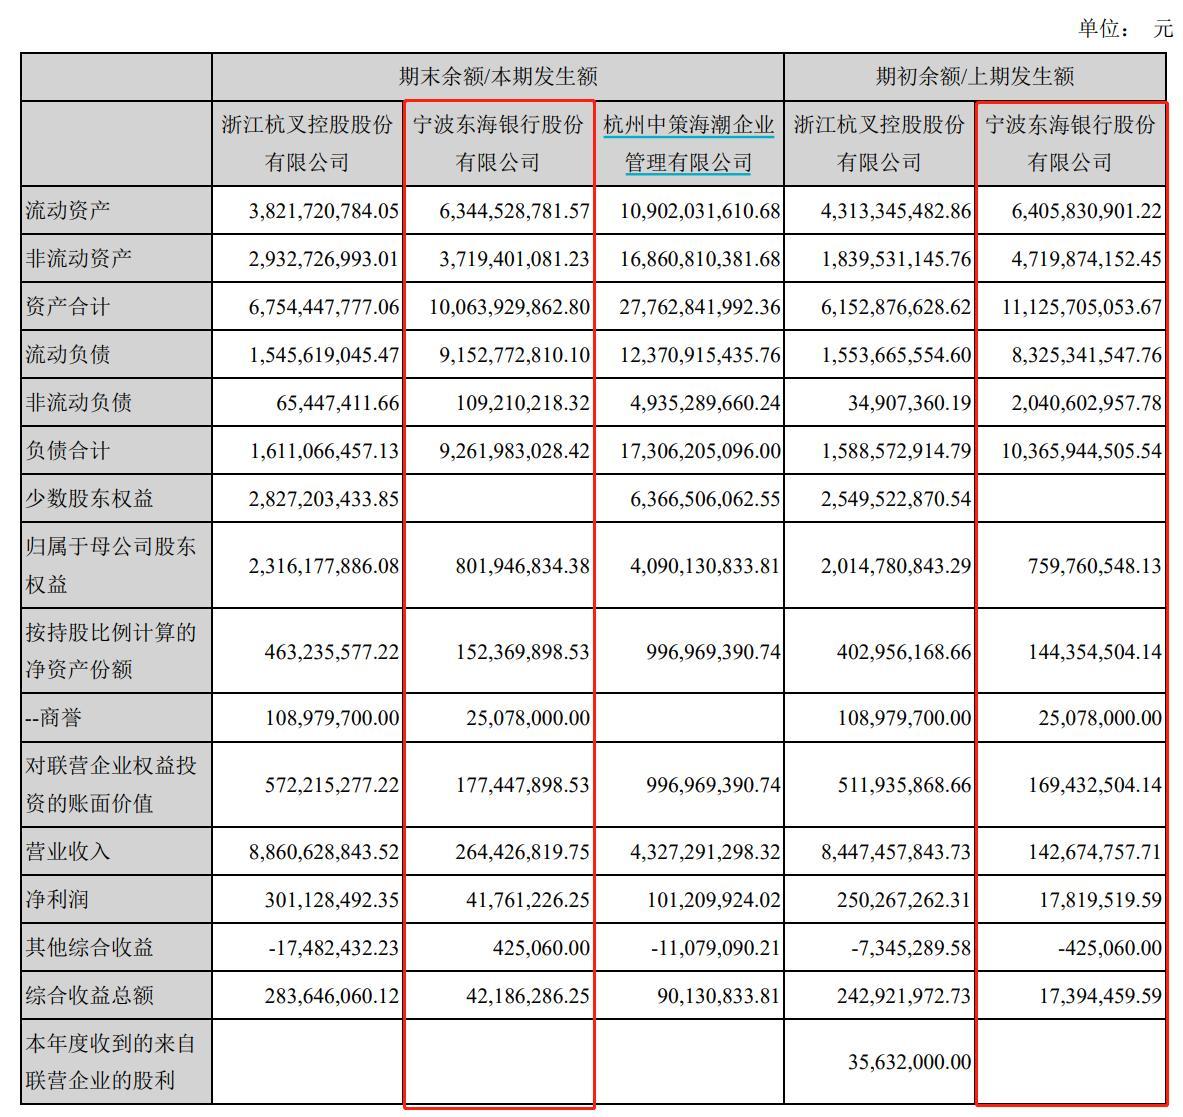 监管点名38家违规股东后,宁波东海银行回应:积极引入战略投资者